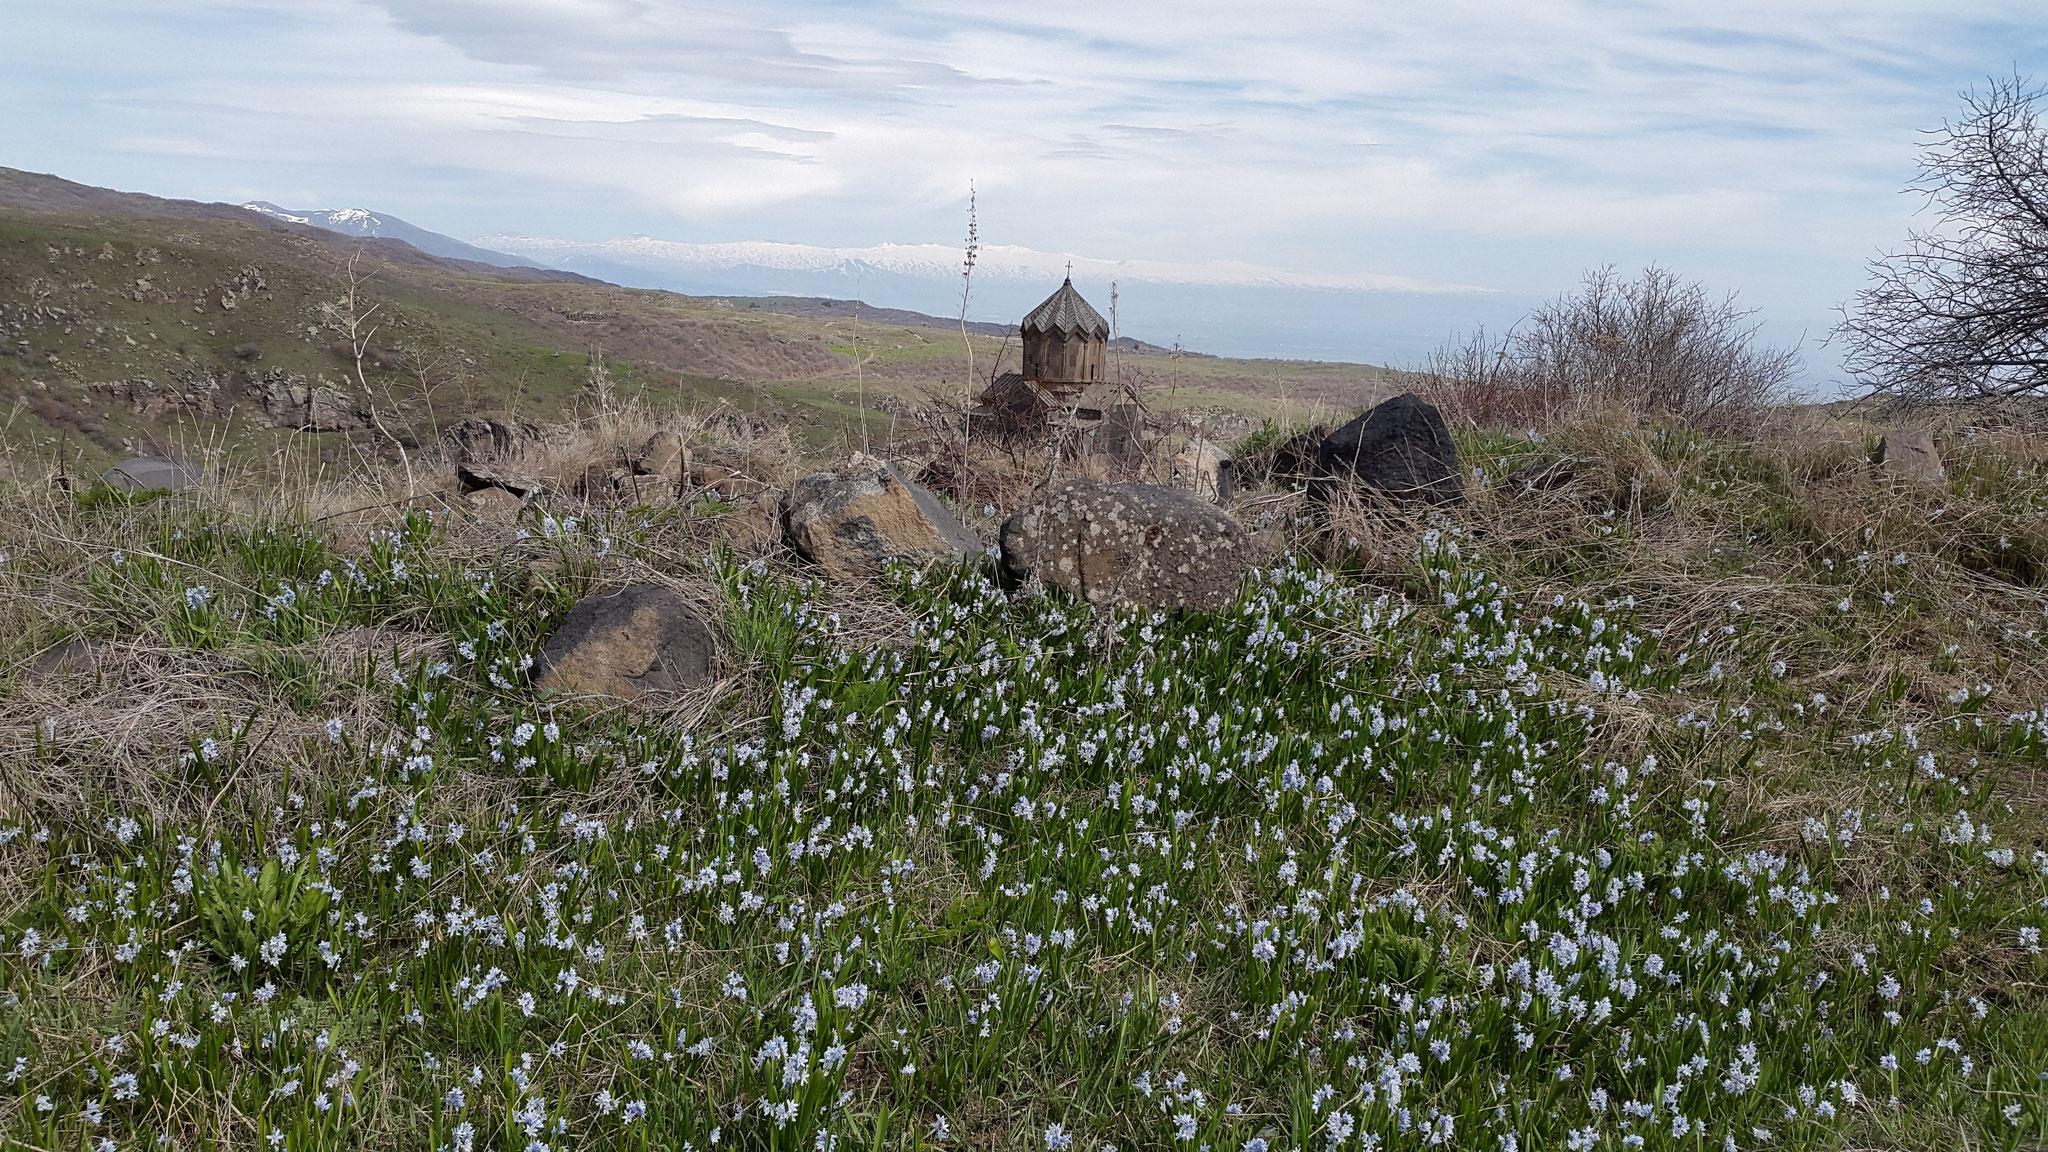 Festung und Kirche inmitten von Hyazinten